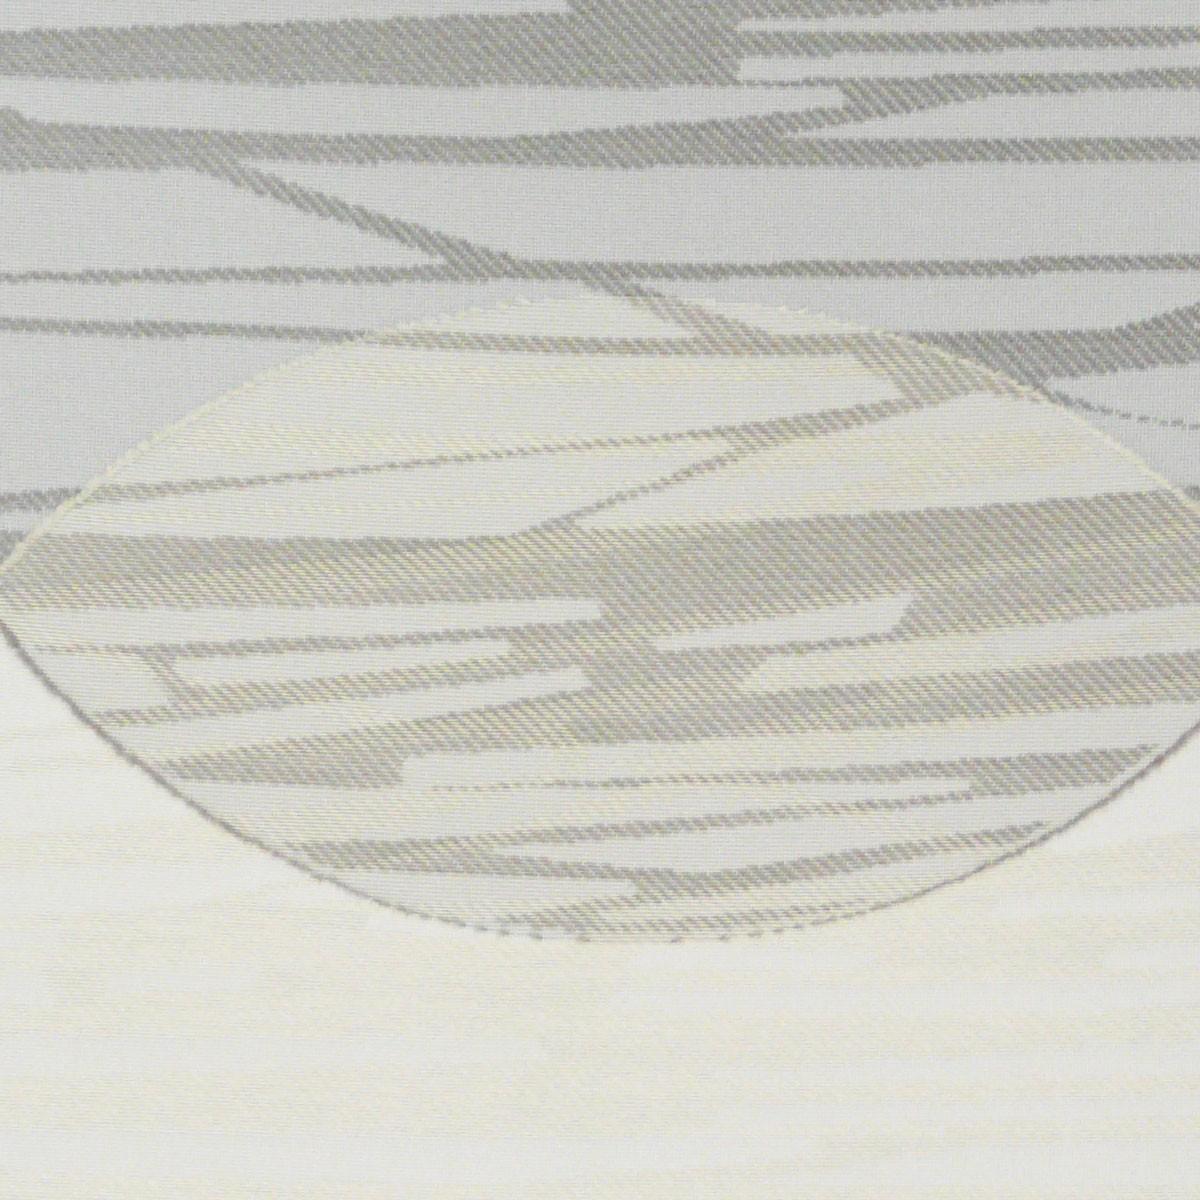 Voile stoff gardine paneele meterware kreise mit innenmuster braun creme 60cm breite stoffe - Gardine kreise ...